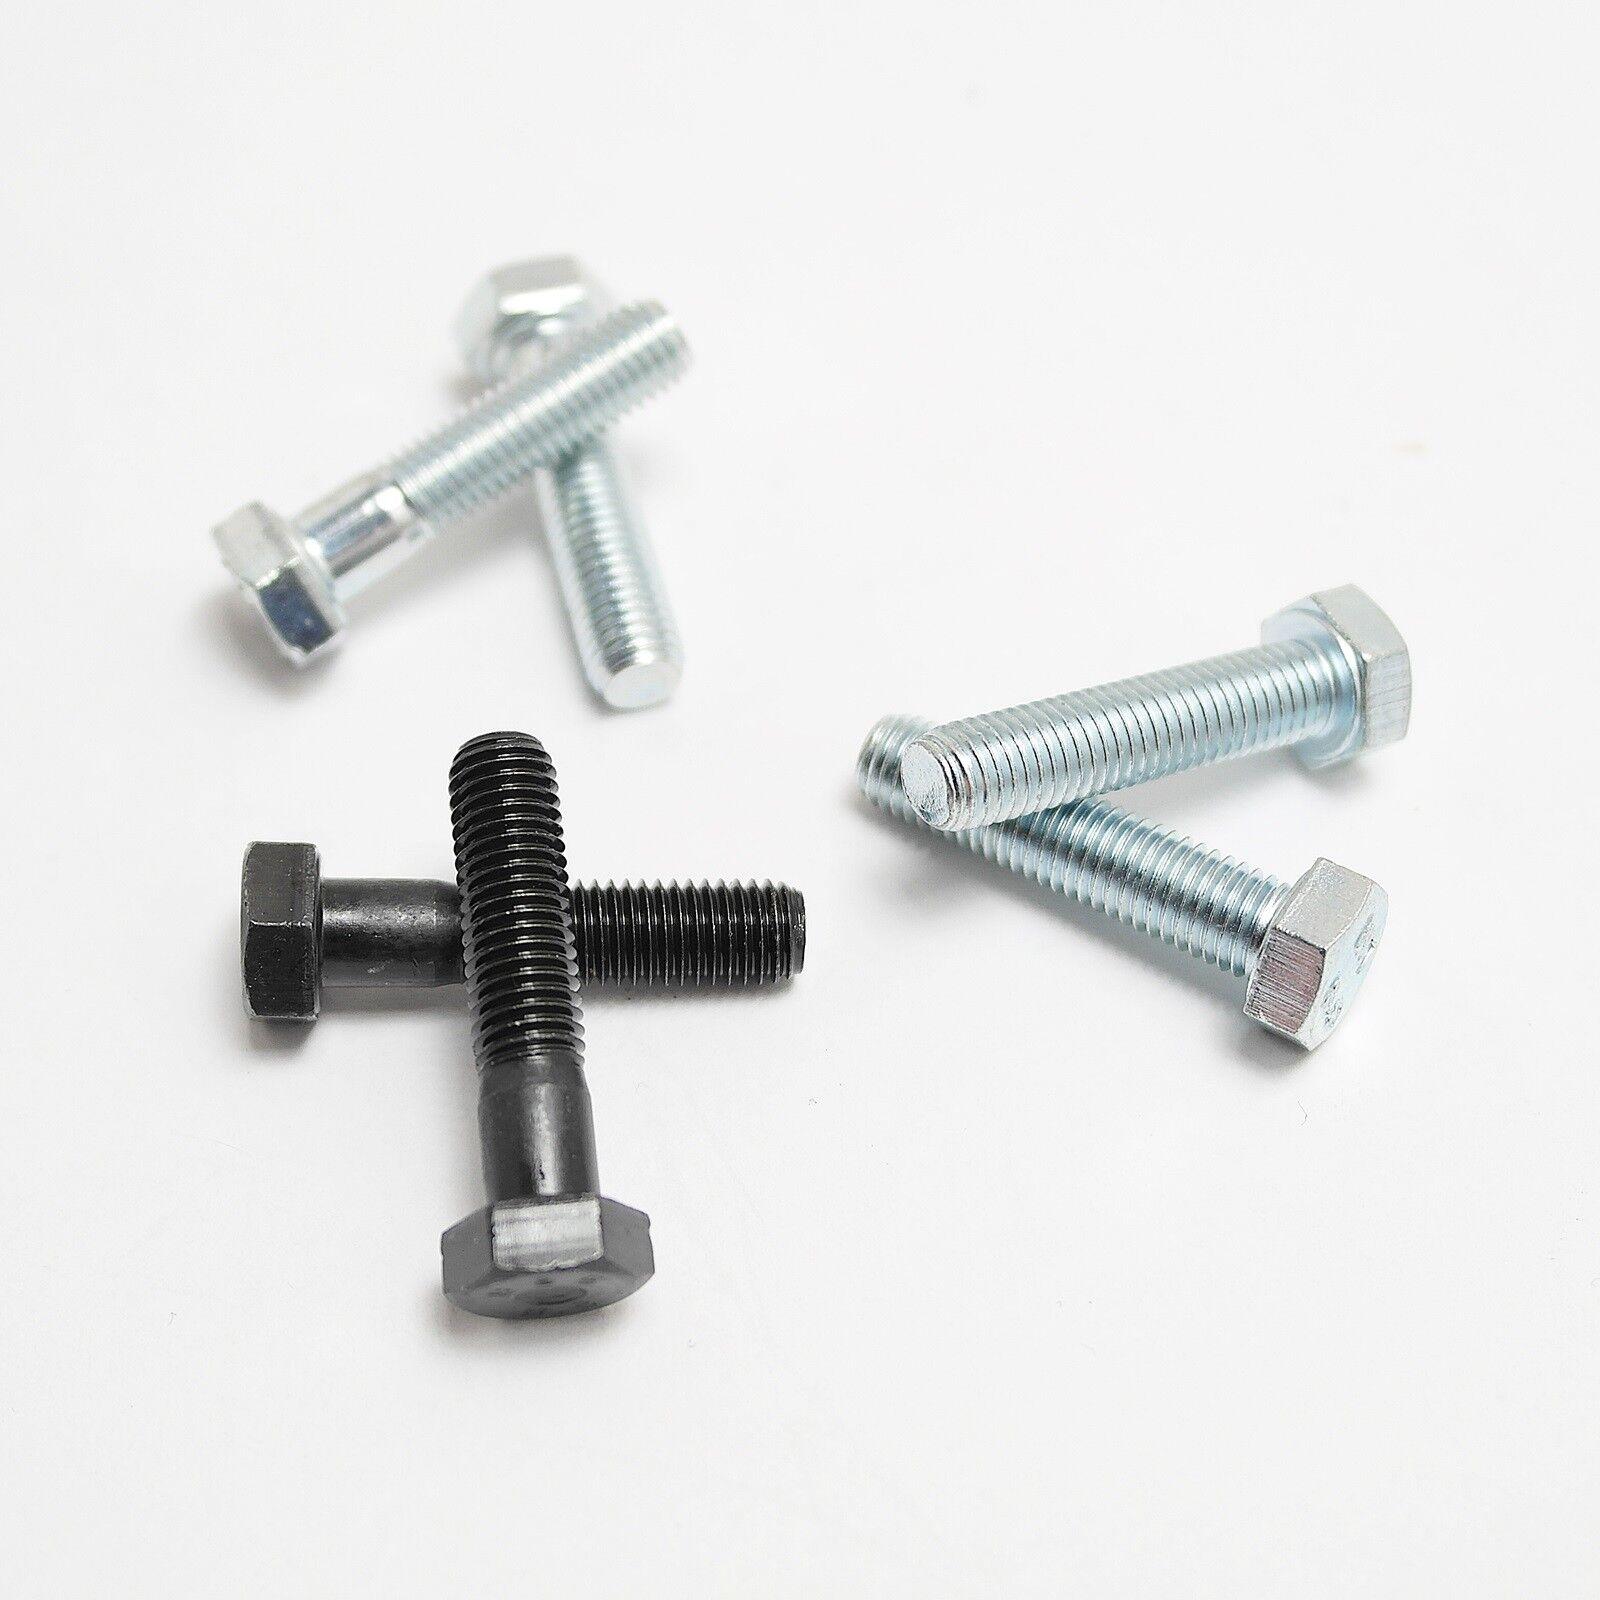 M7 Schraube oder Mutter Sonderschraube DIN 933  931 Sortiment Sechskantschraube     | Elegant Und Würdevoll